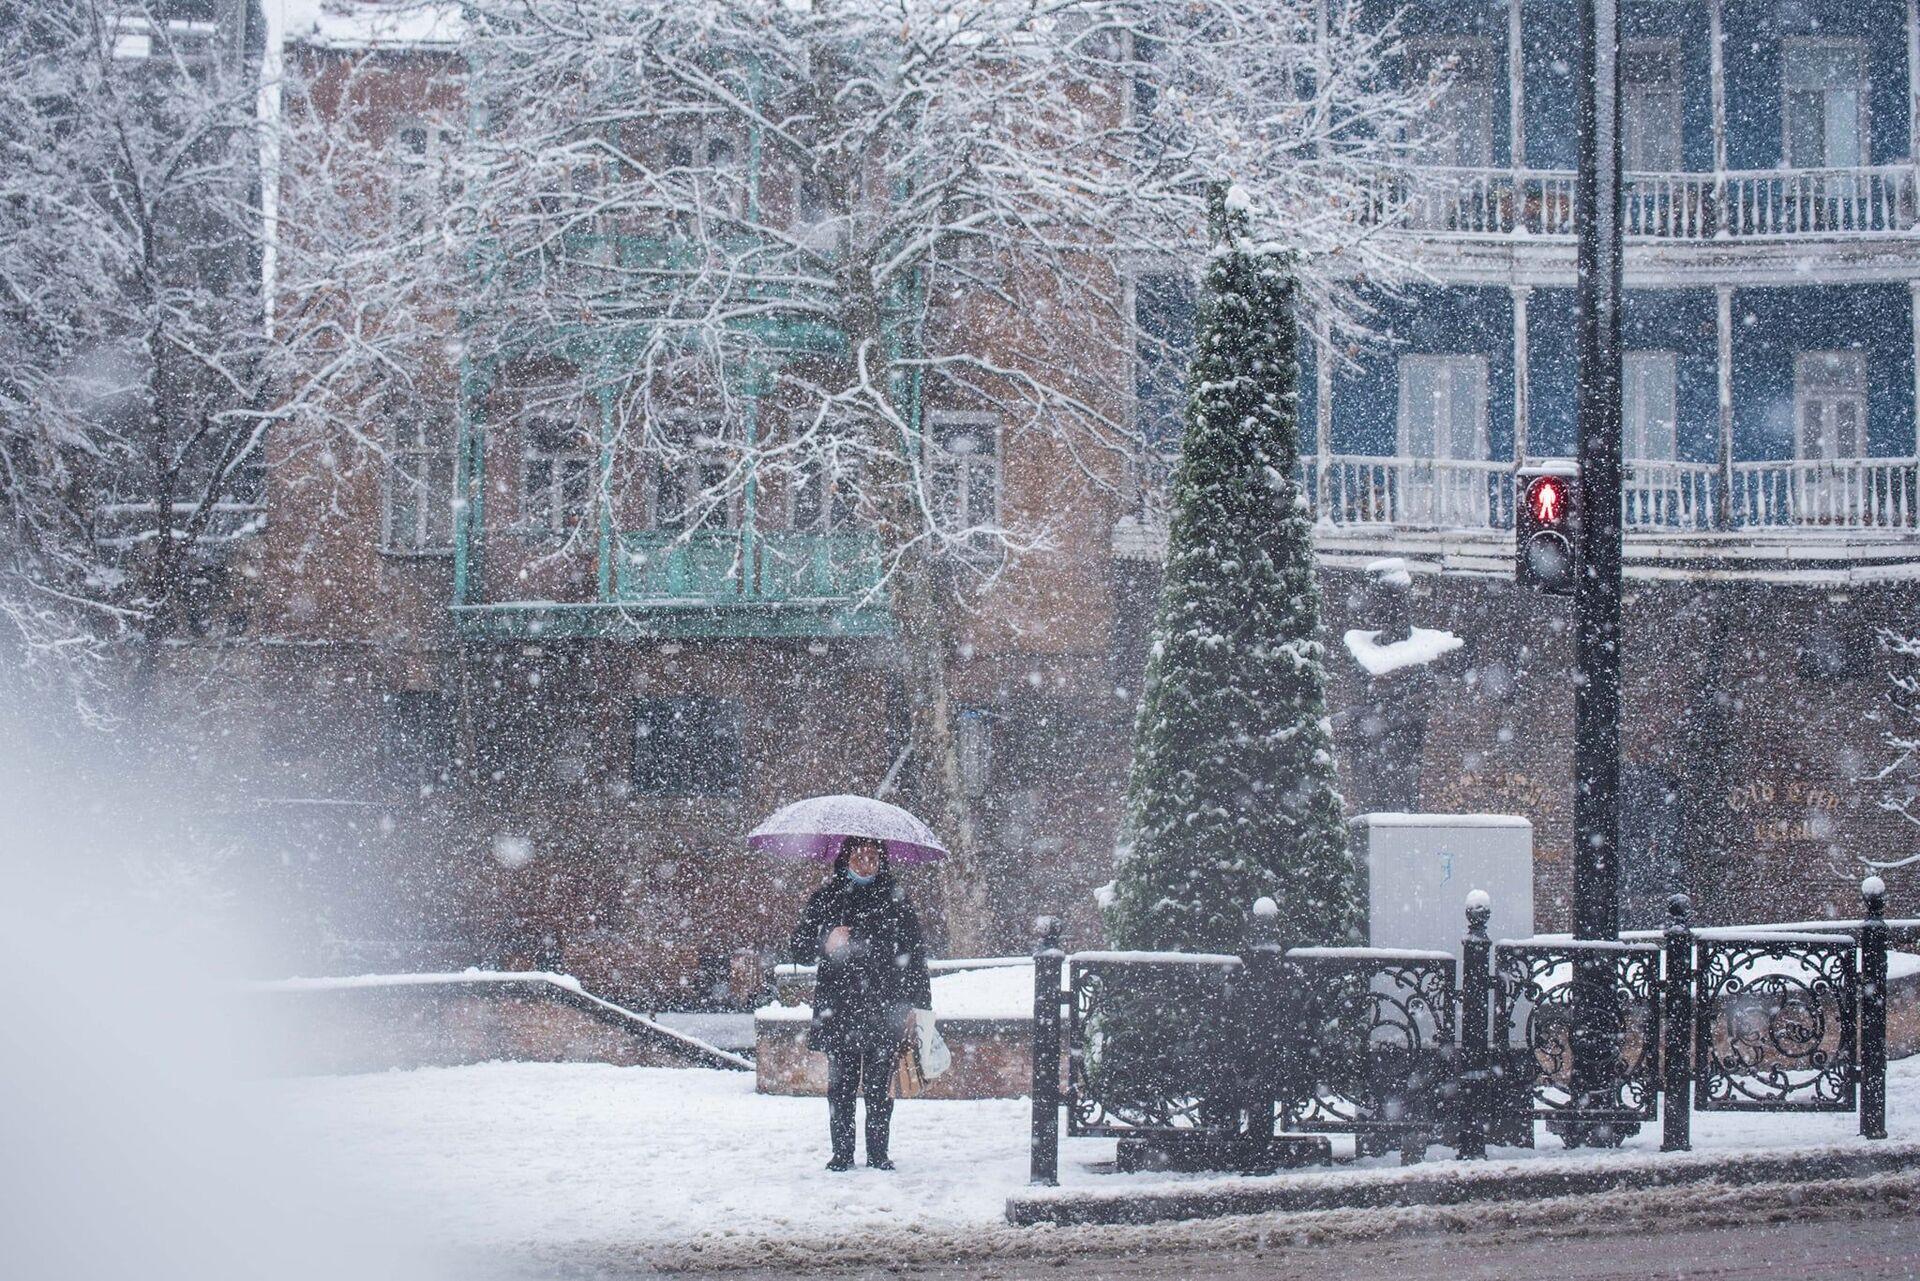 Снегопад в Тбилиси - старый город в снегу - Sputnik Грузия, 1920, 05.10.2021